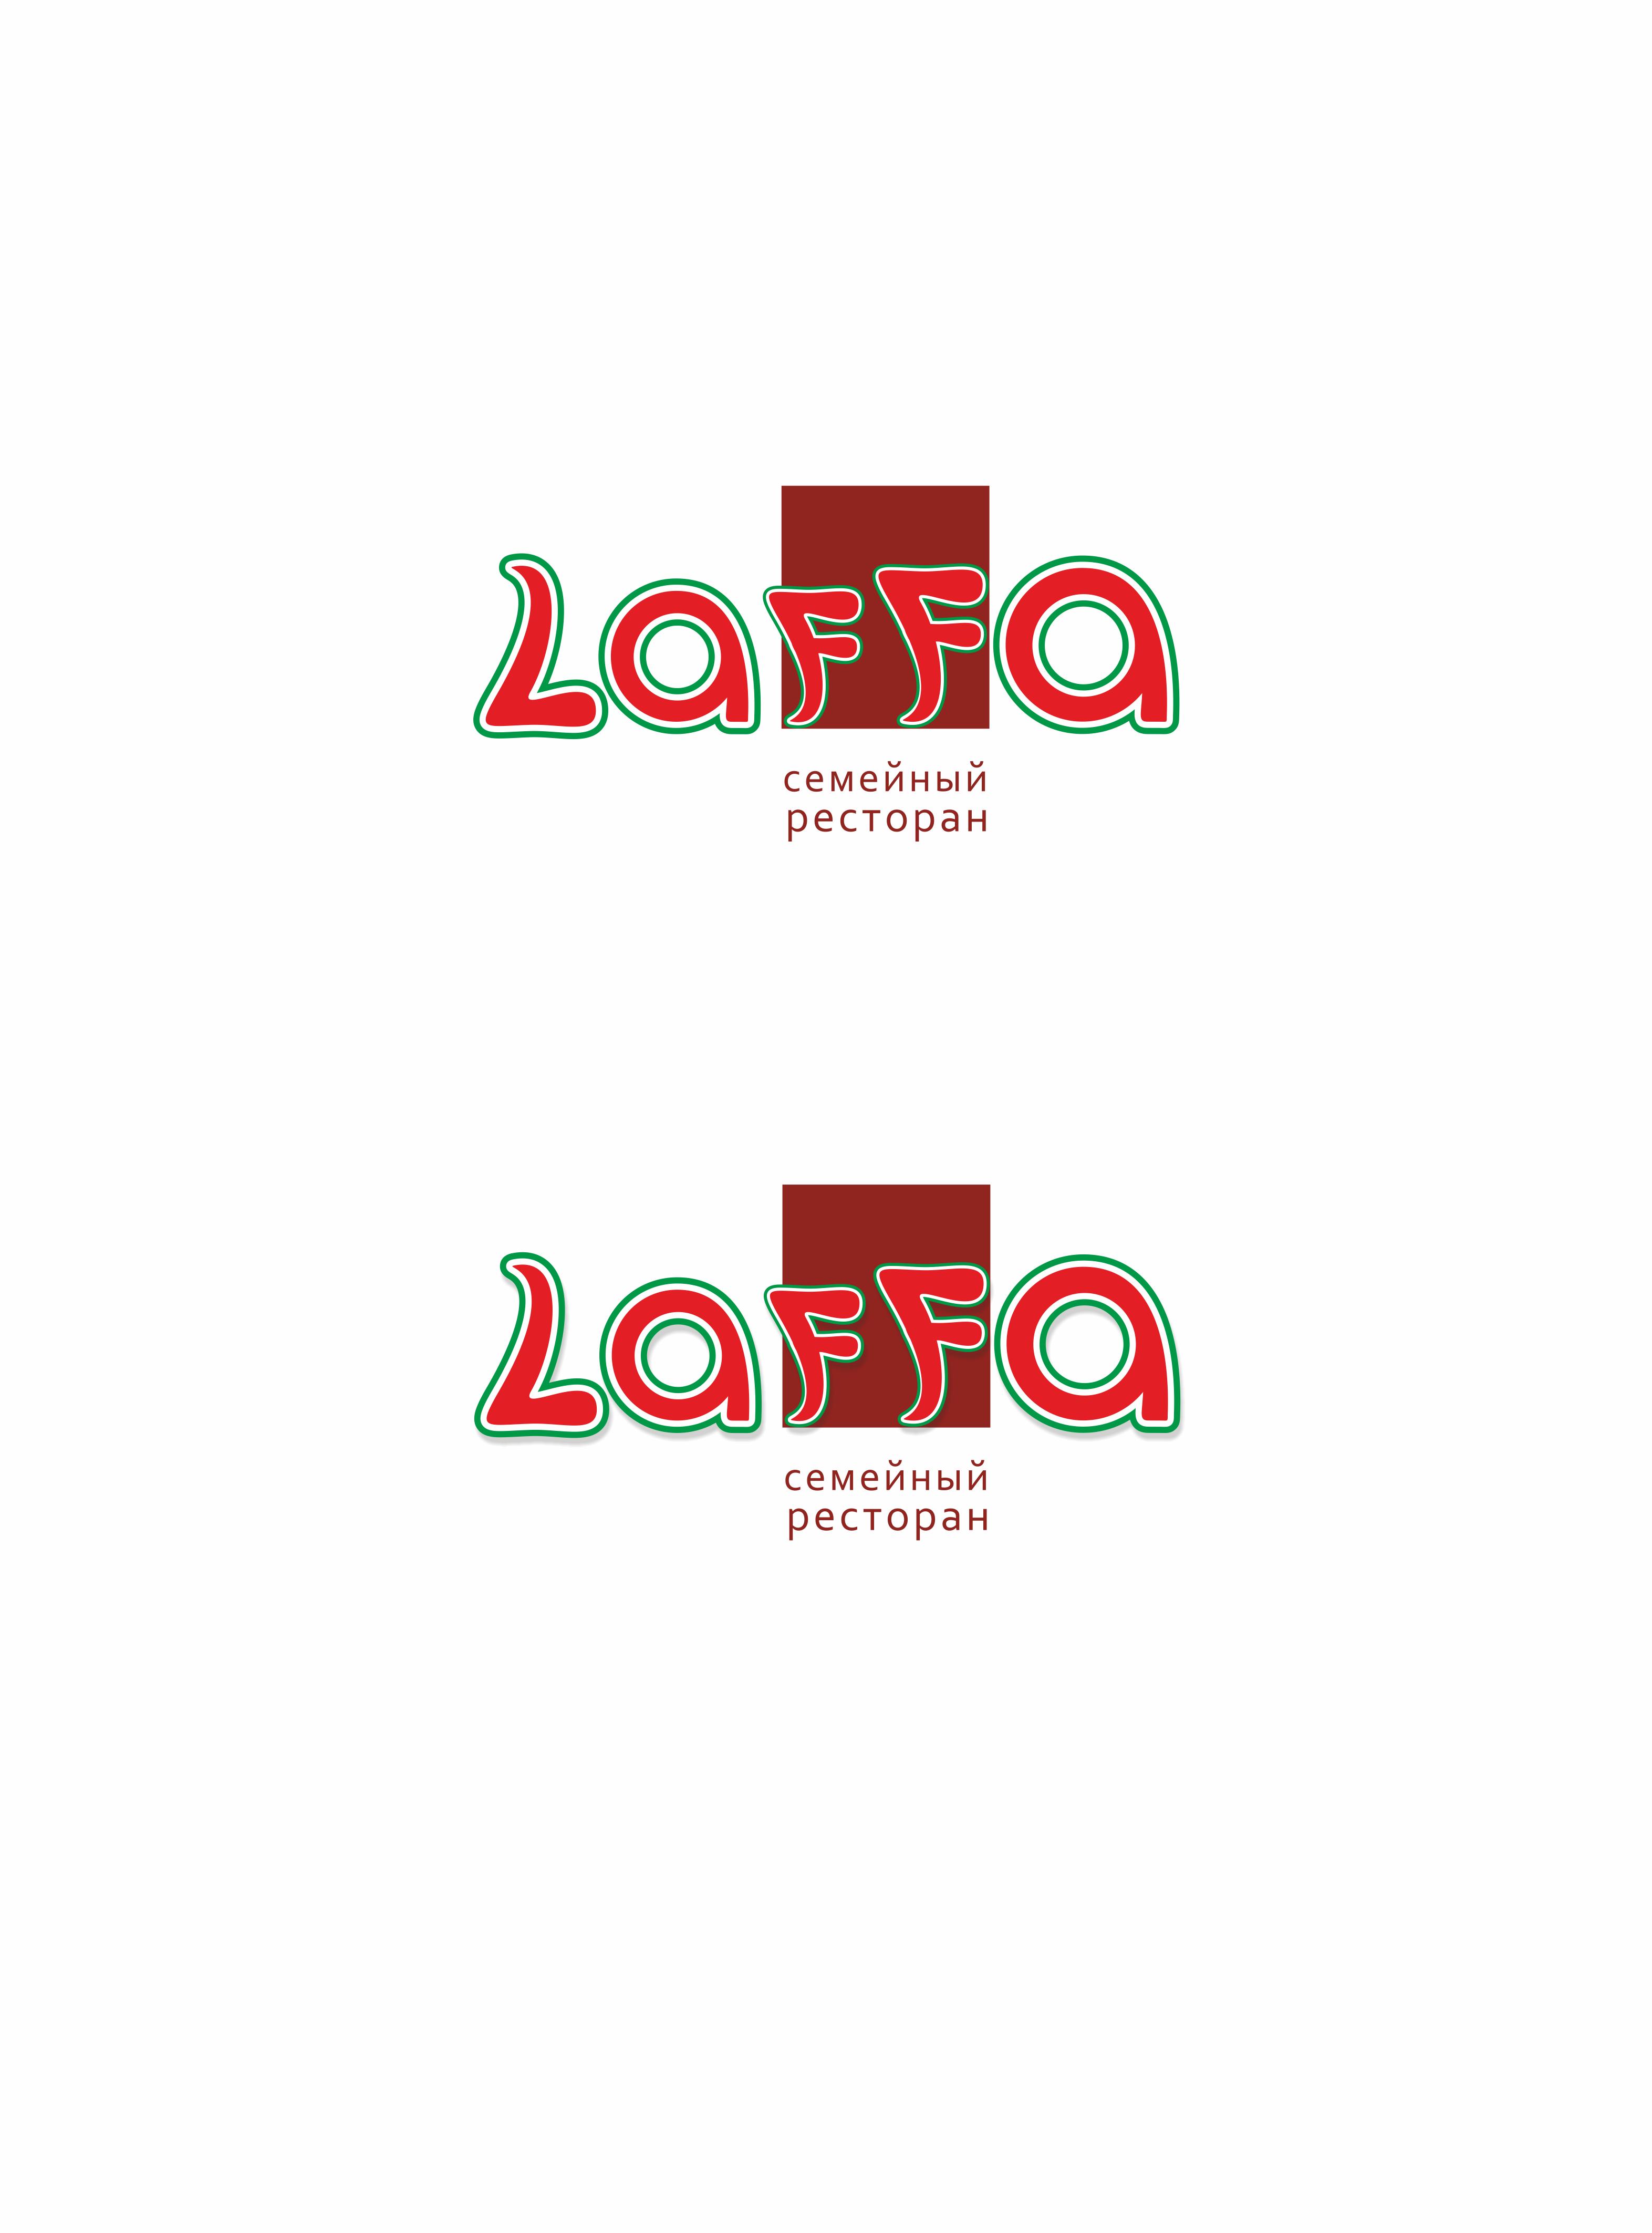 Нужно нарисовать логотип для семейного итальянского ресторан фото f_086554ac79668fd7.png